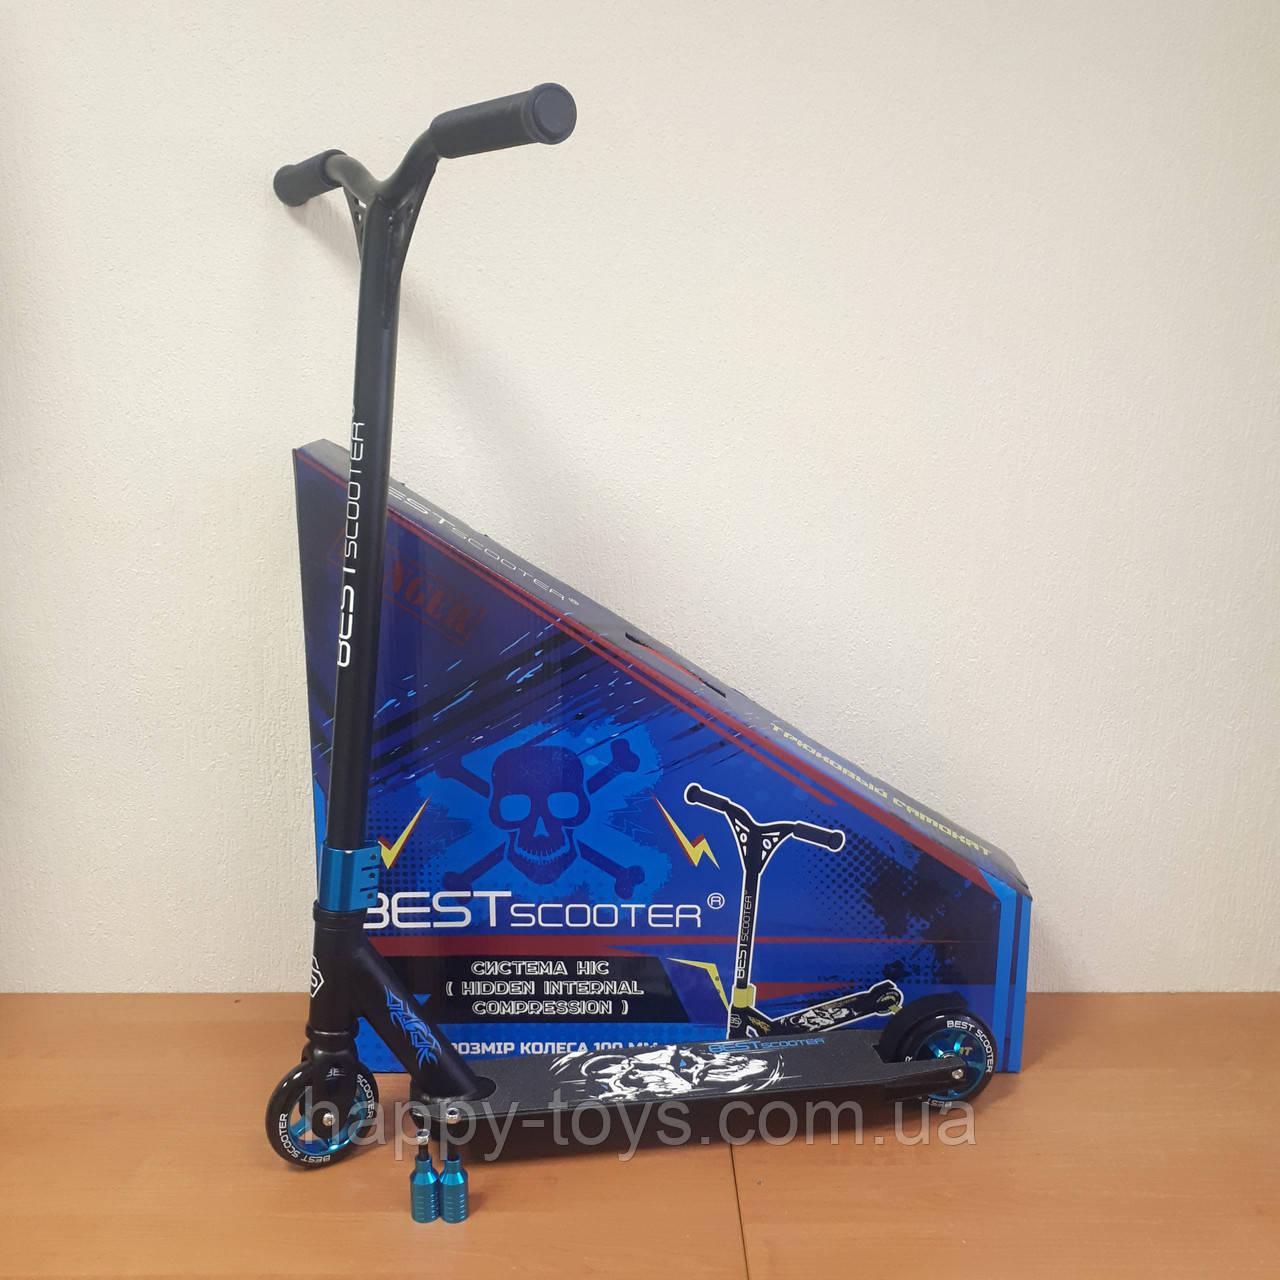 Самокат трюковой с Пегами Синий Best Scooter, HIC-система, алюминиевый диск и дека, колеса 10 см 38226